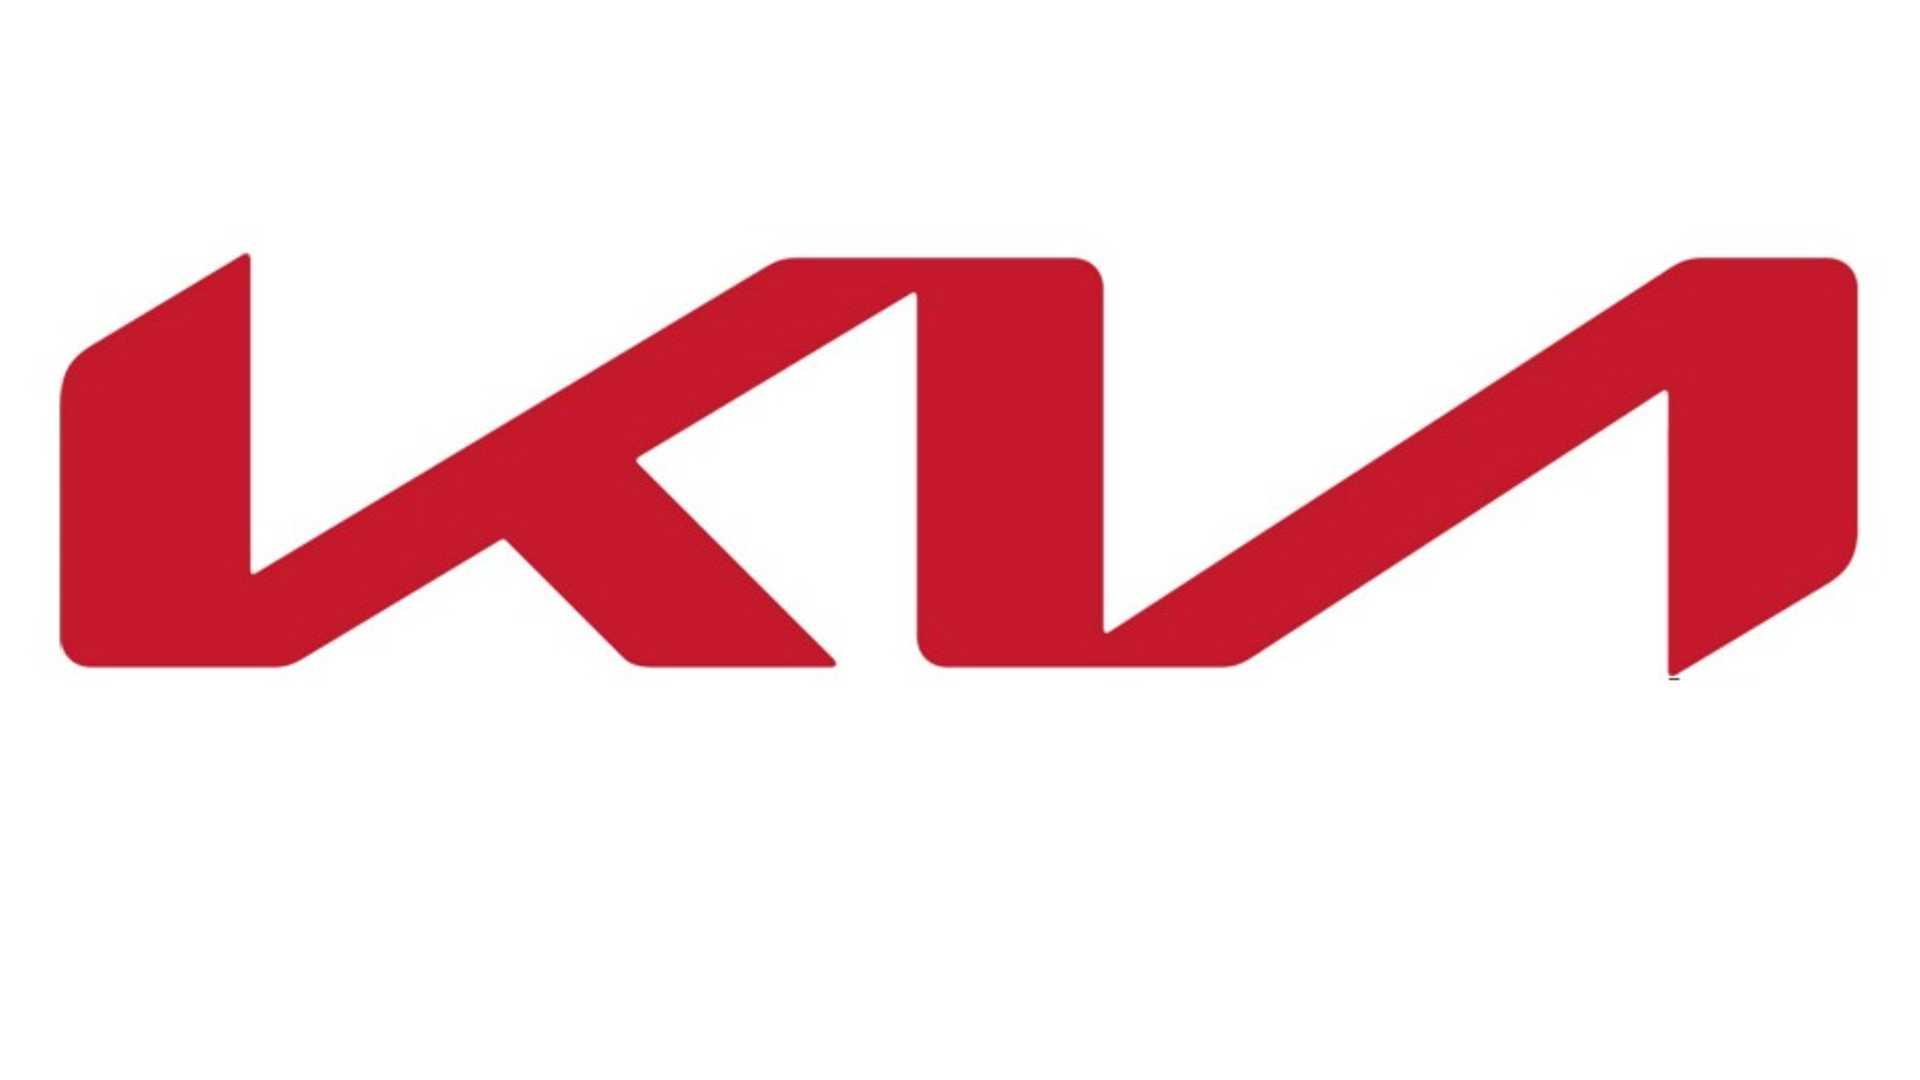 Kia chuẩn bị đổi logo mới, rũ bỏ hình ảnh xe bình dân